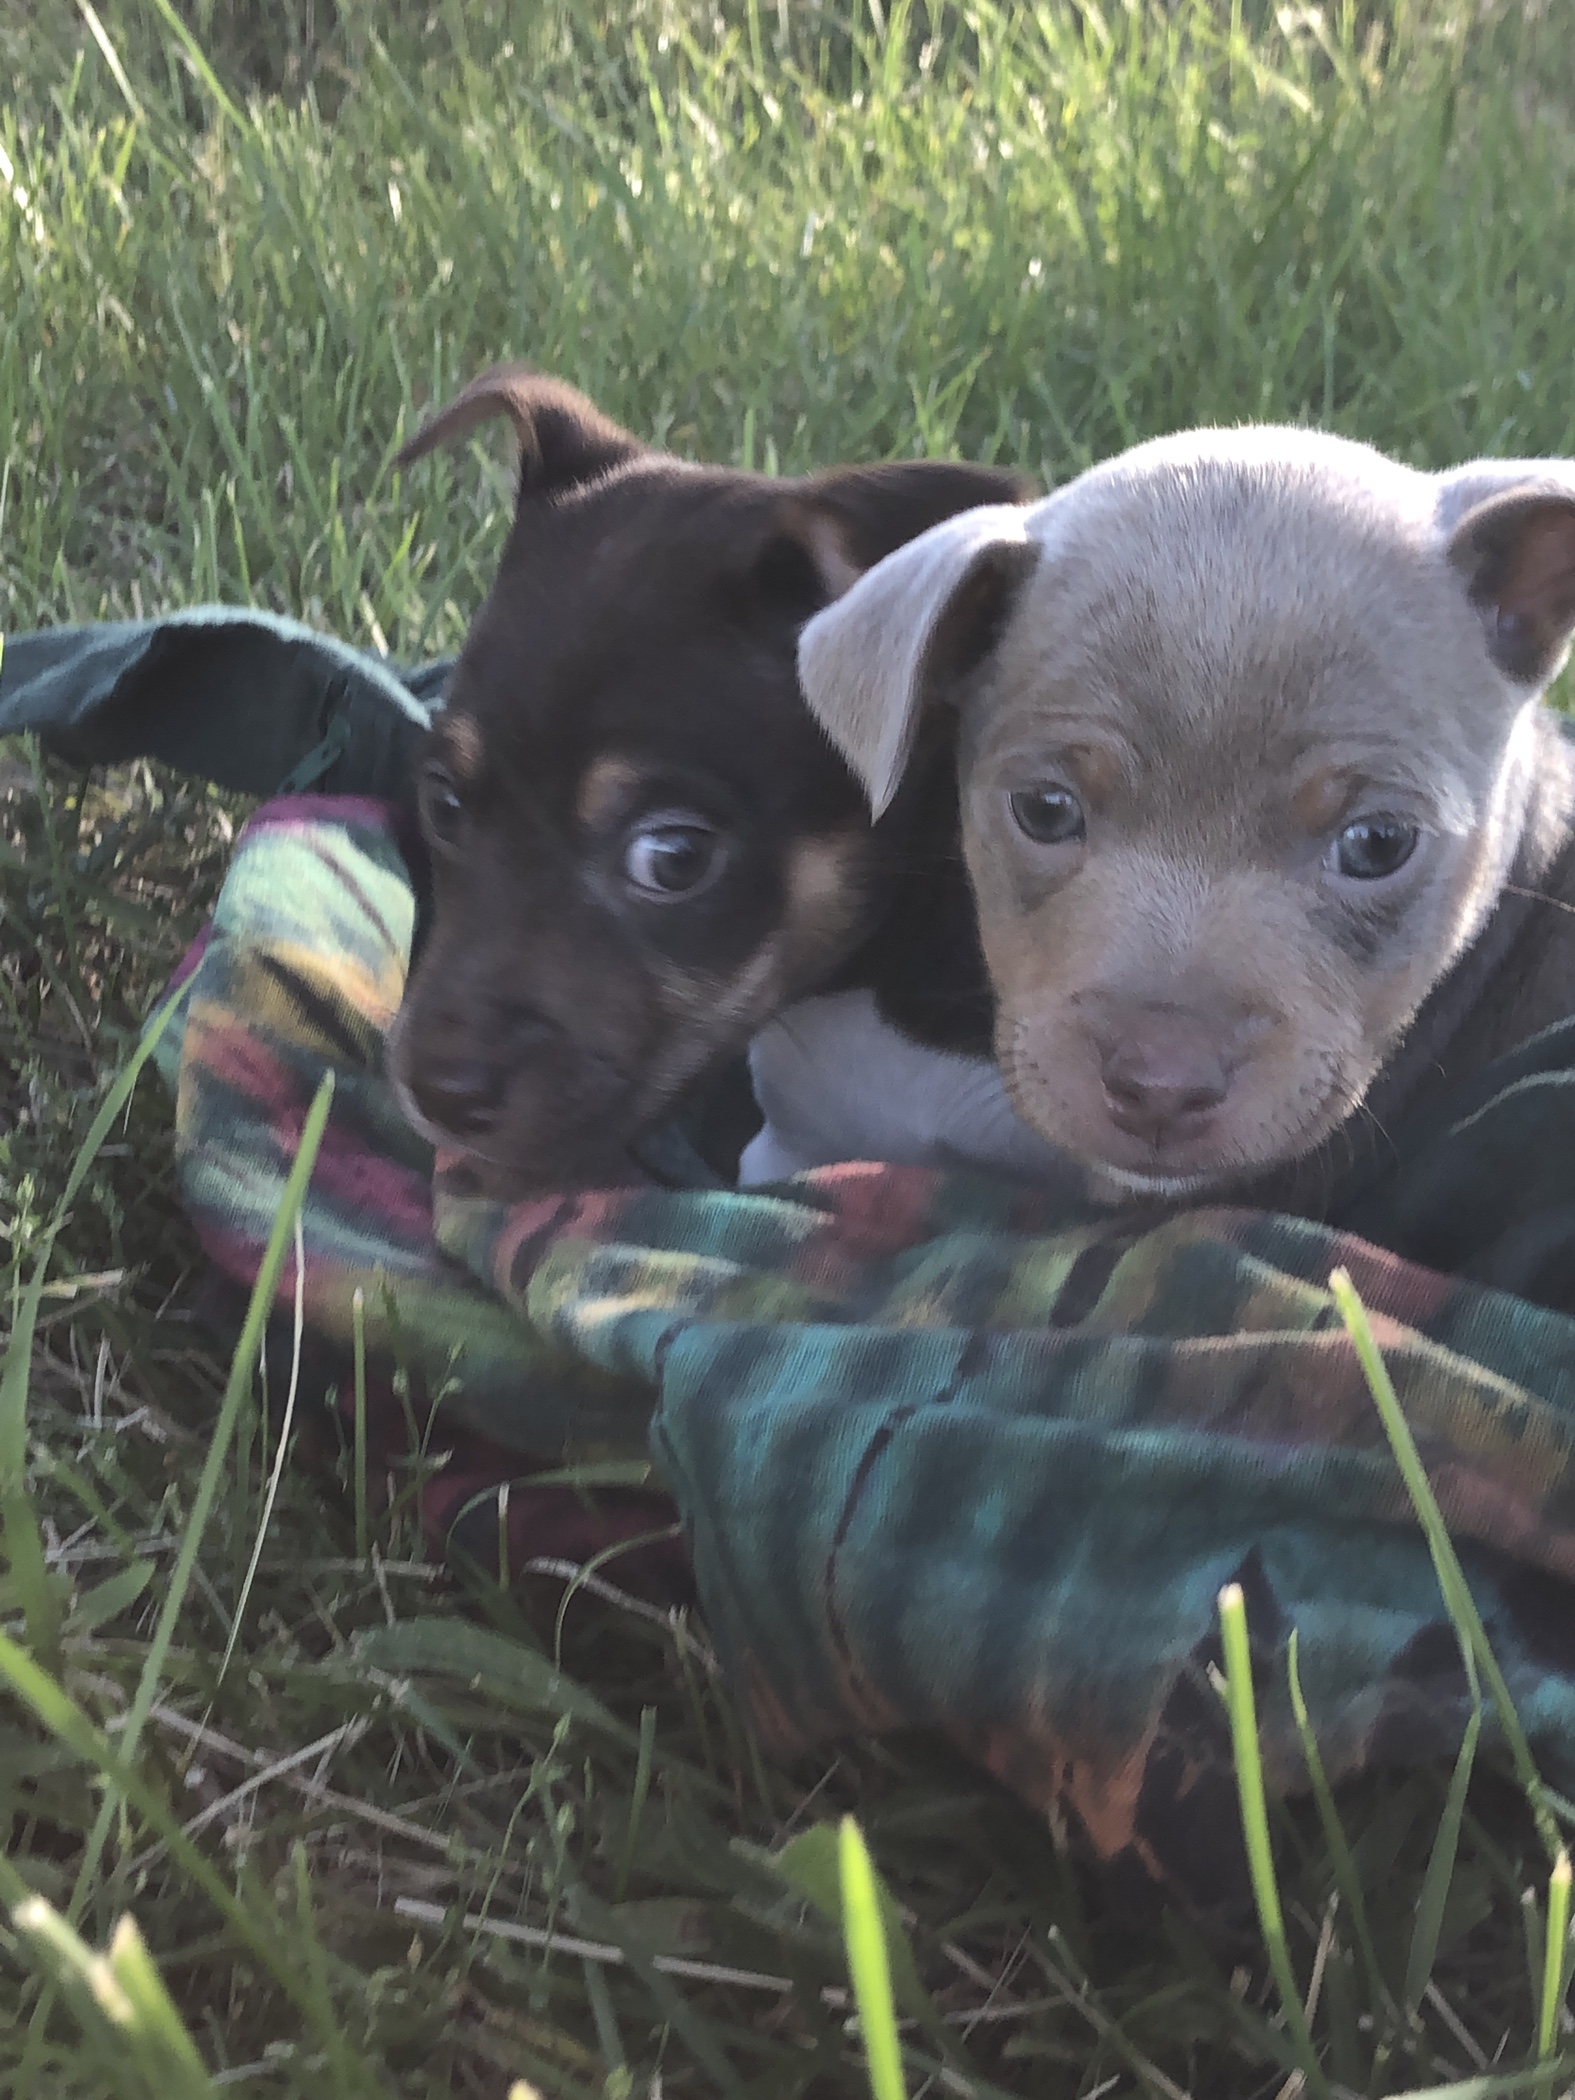 I have rat pups!